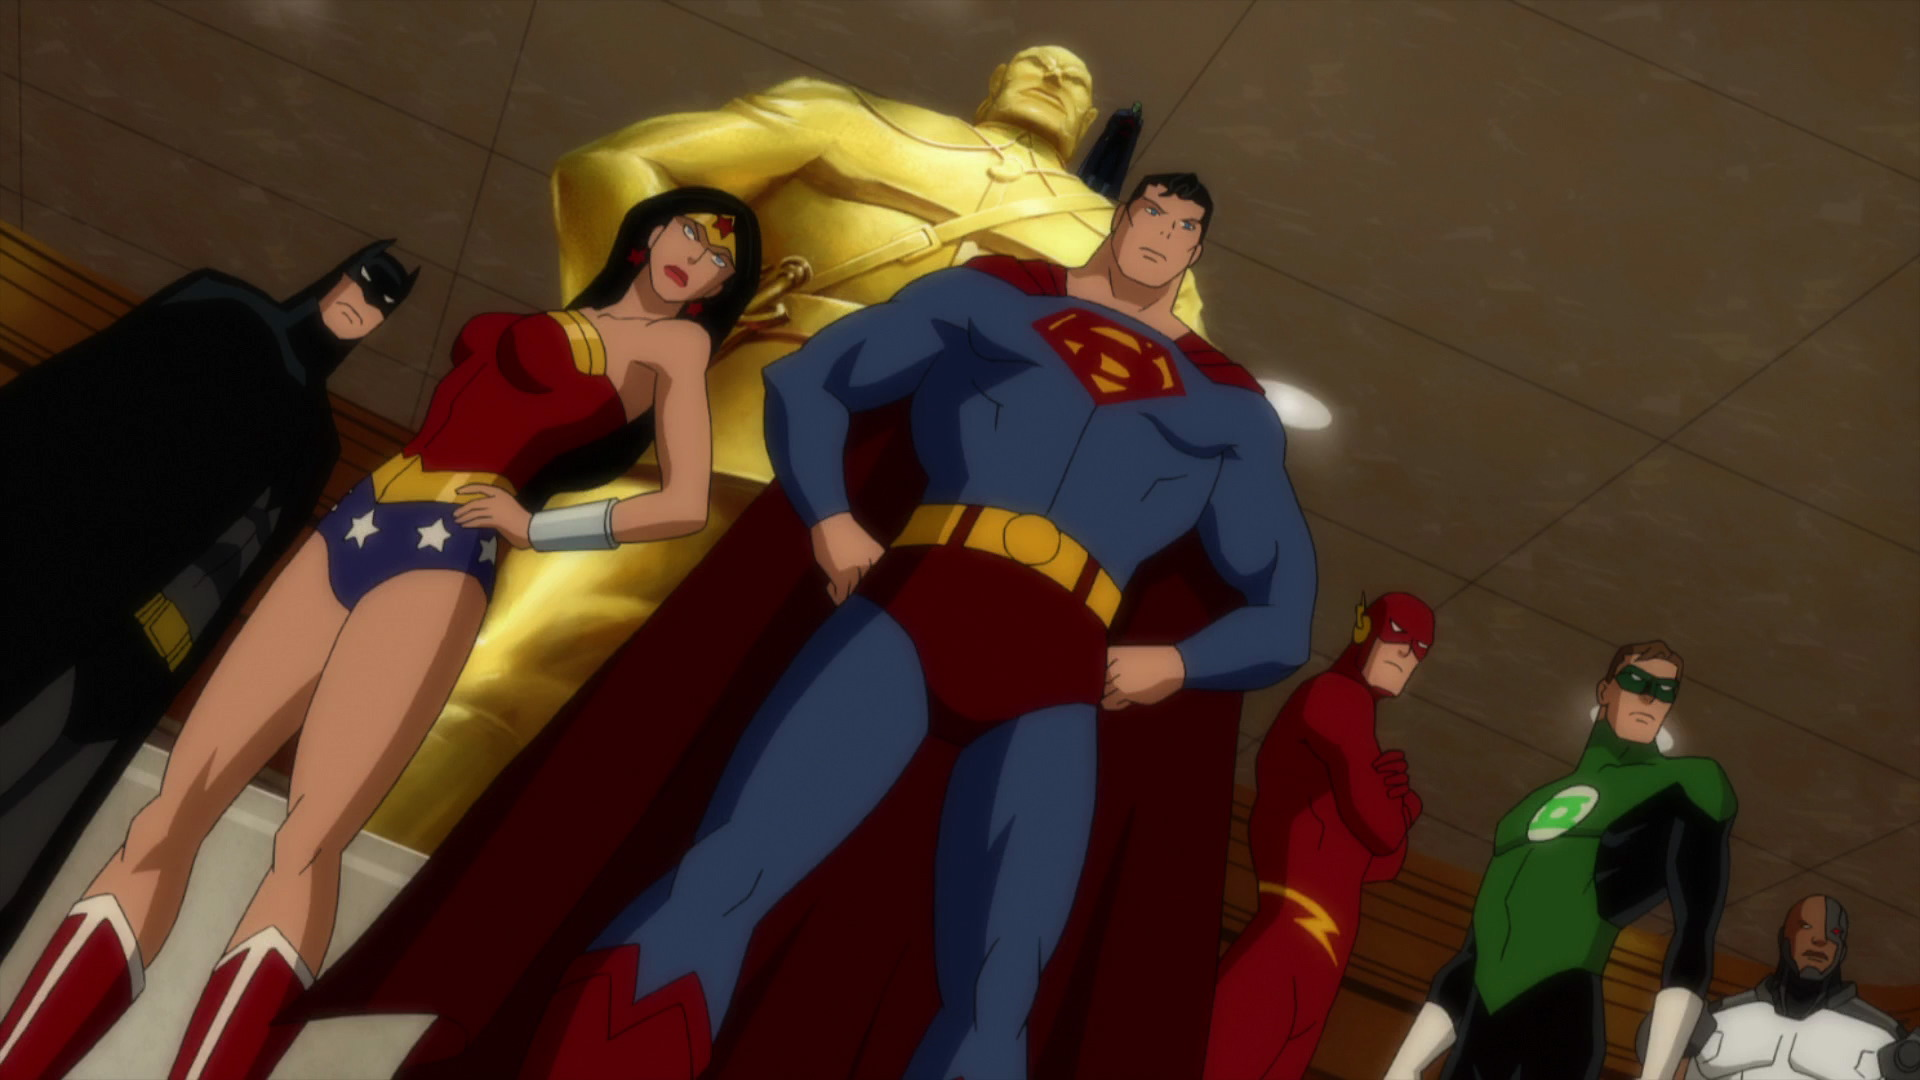 justice-league-doom-movie-screencaps_com-6724.jpg